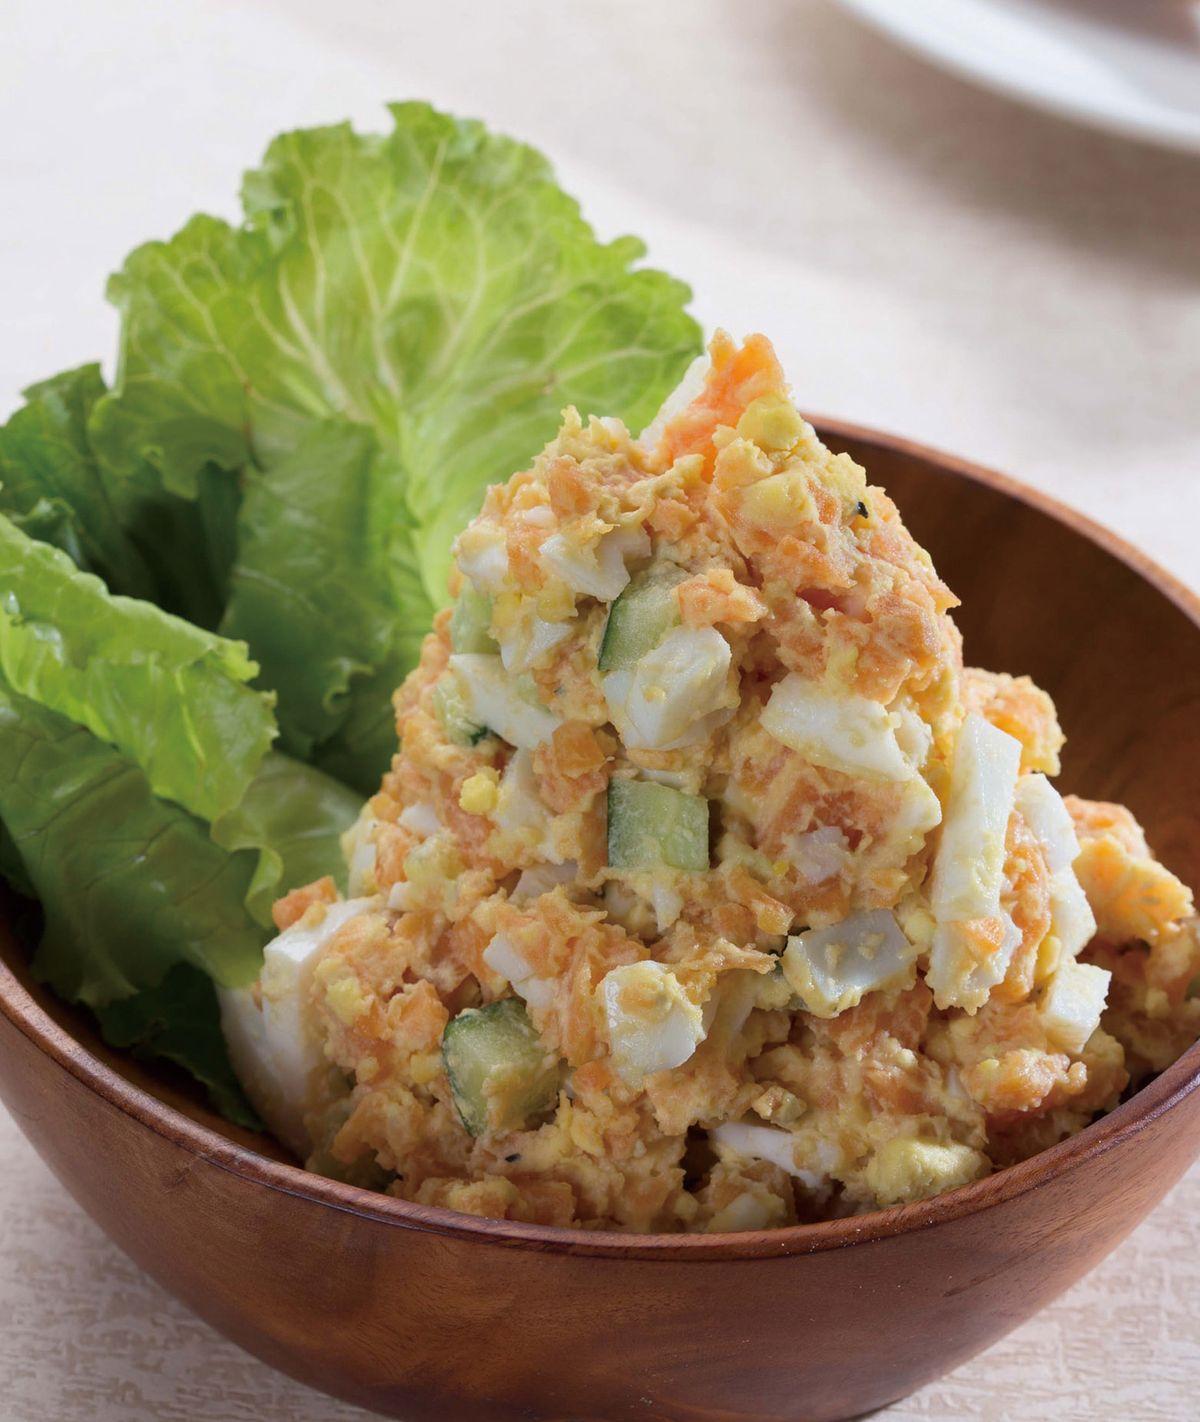 食譜:地瓜水煮蛋沙拉